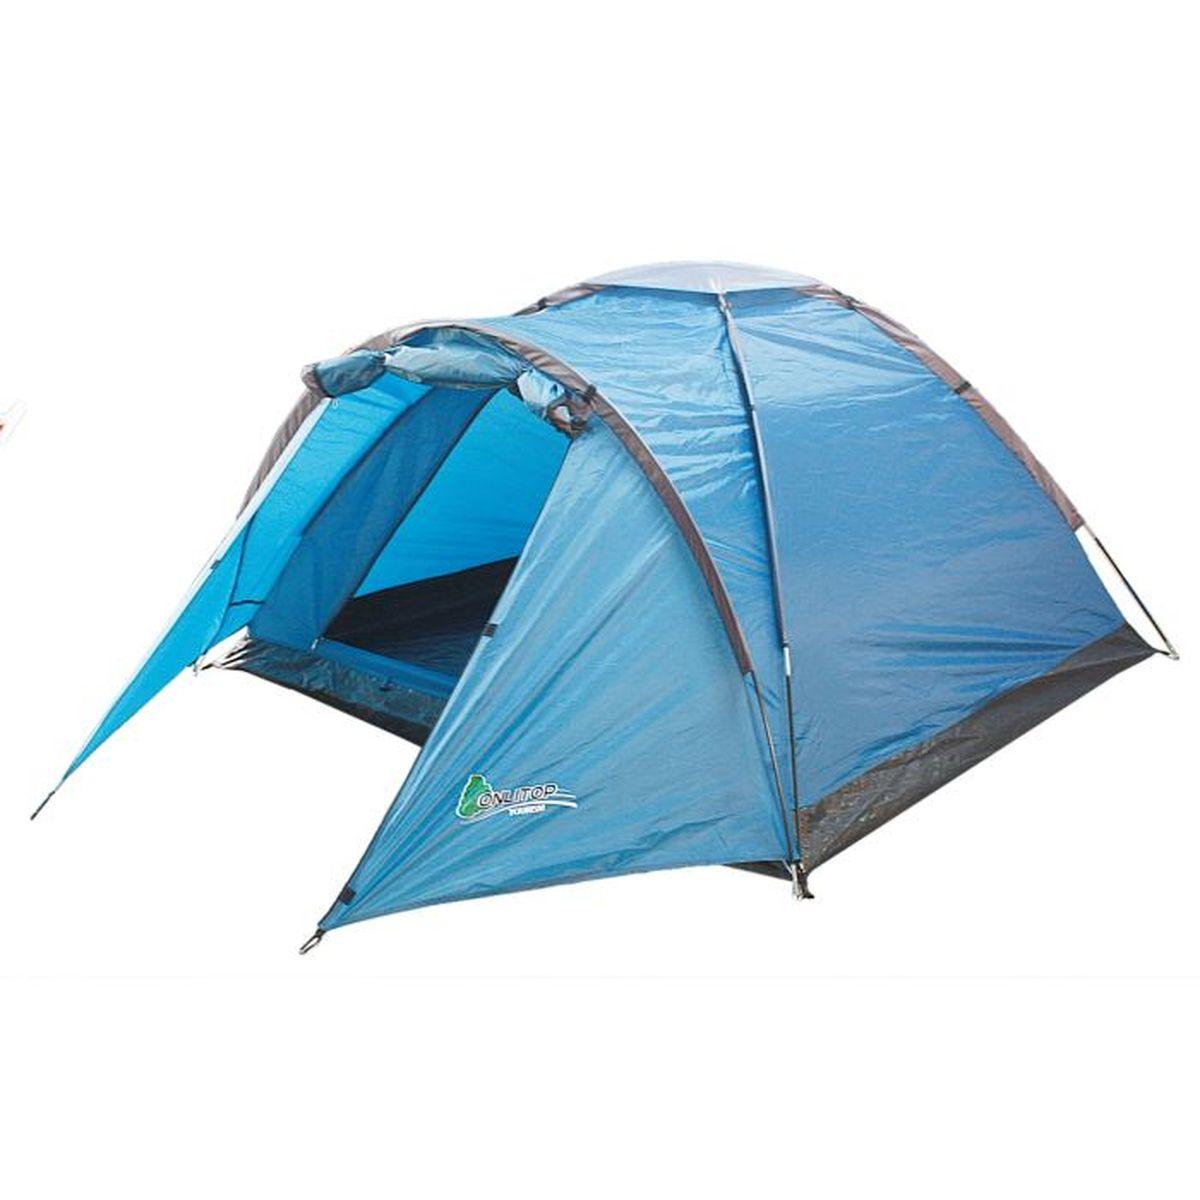 Палатка туристическая Onlitop VERAG 3, цвет: голубойперфорационные unisexЕсли вы заядлый турист или просто любитель природы, вы хоть раз задумывались о ночёвке на свежем воздухе. Чтобы провести её с комфортом, вам понадобится отличная палатка, Она обеспечит безопасный досуг и защитит от непогоды и насекомых. Ткань рипстоп гарантирует длительную эксплуатацию палатки за счёт высокой прочности материала.